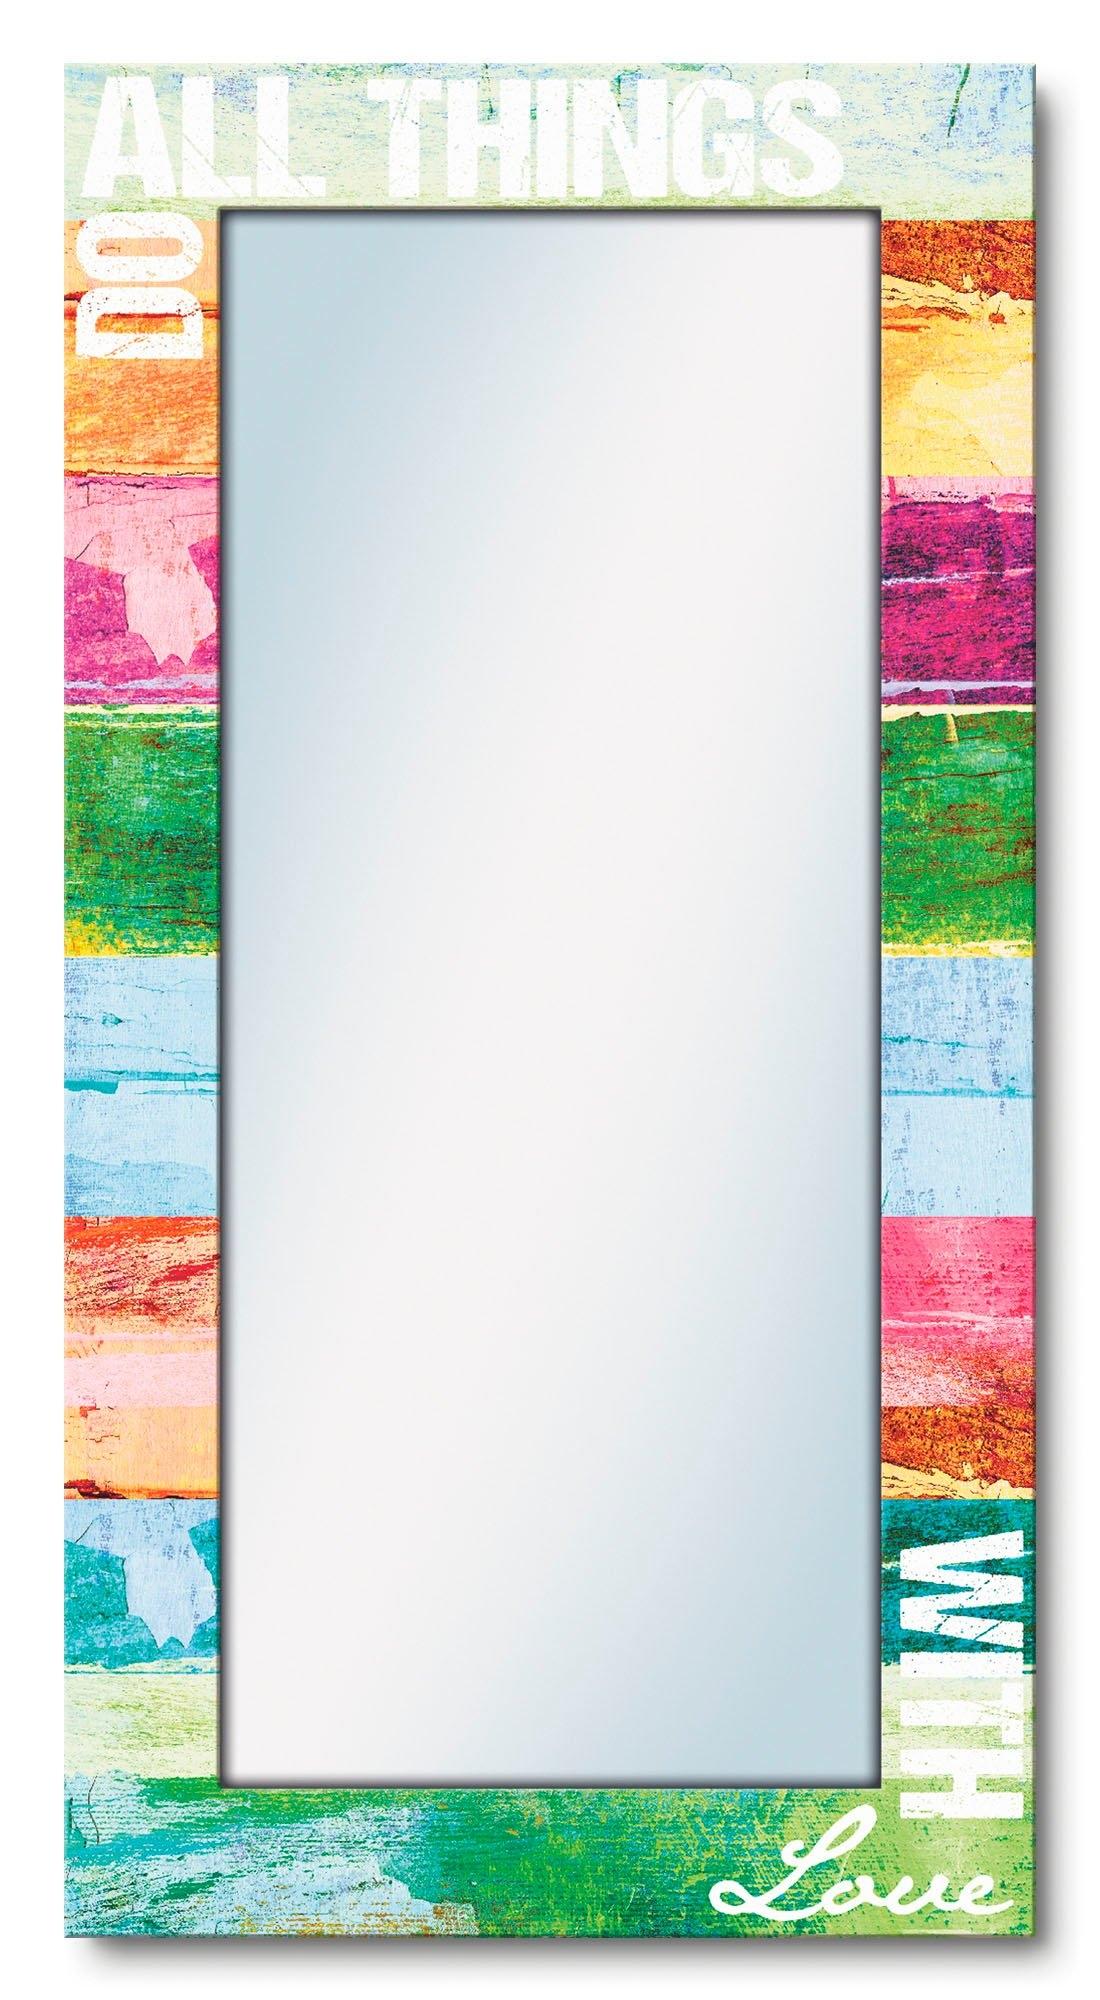 Artland wandspiegel Doe alles met liefde ingelijste spiegel voor het hele lichaam met motiefrand, geschikt voor kleine, smalle hal, halspiegel, mirror spiegel omrand om op te hangen voordelig en veilig online kopen